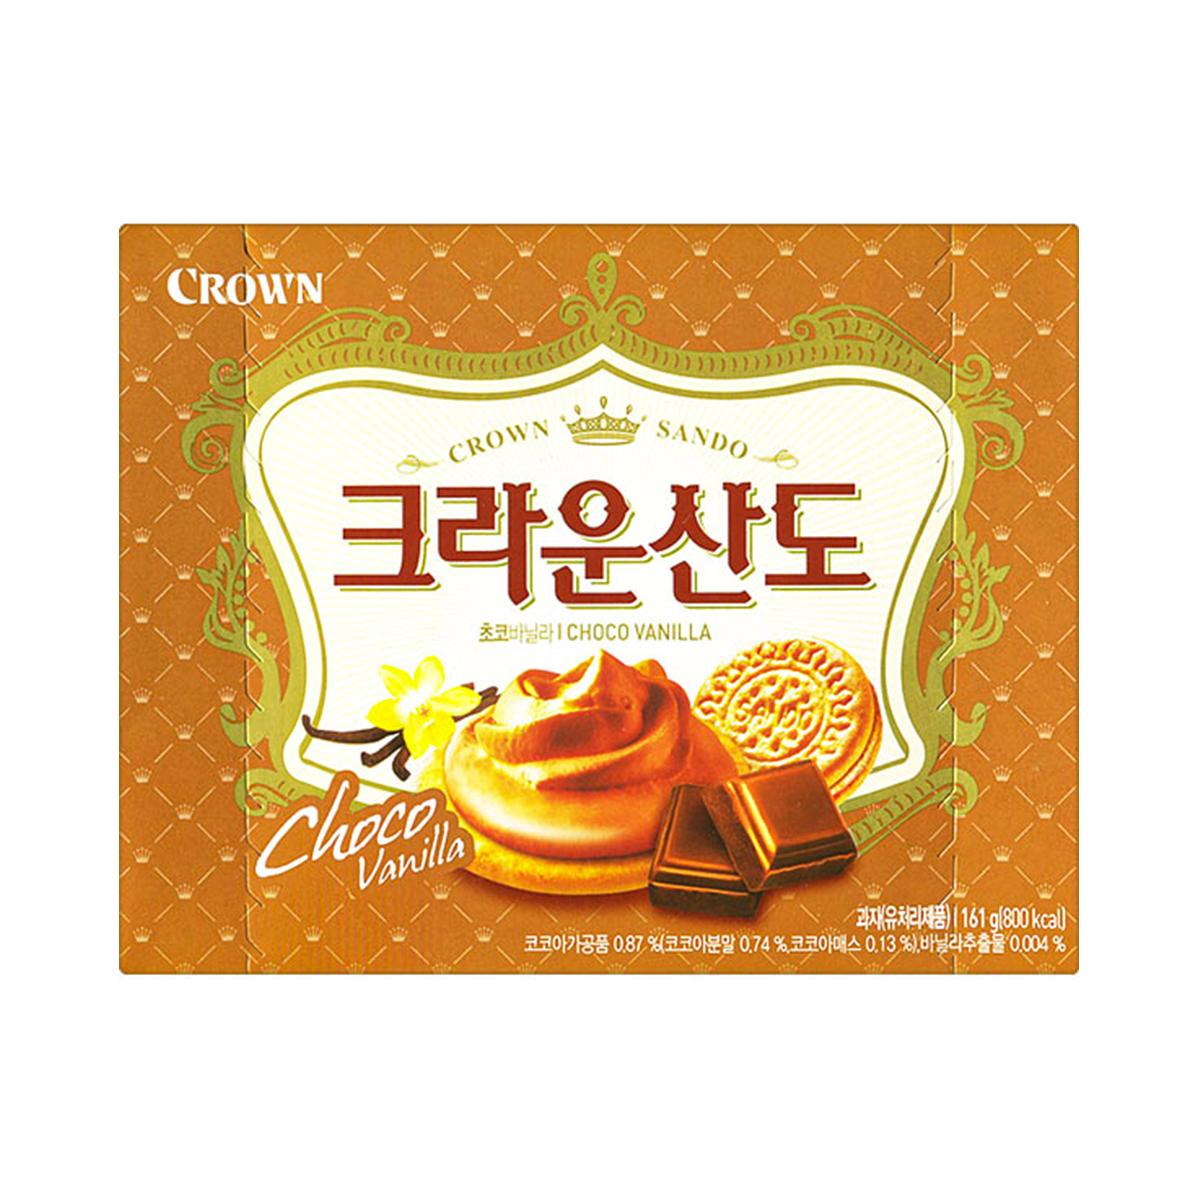 Biscoito Coreano Recheado com Chocolate com Baunilha Sando Crown - 161 gramas